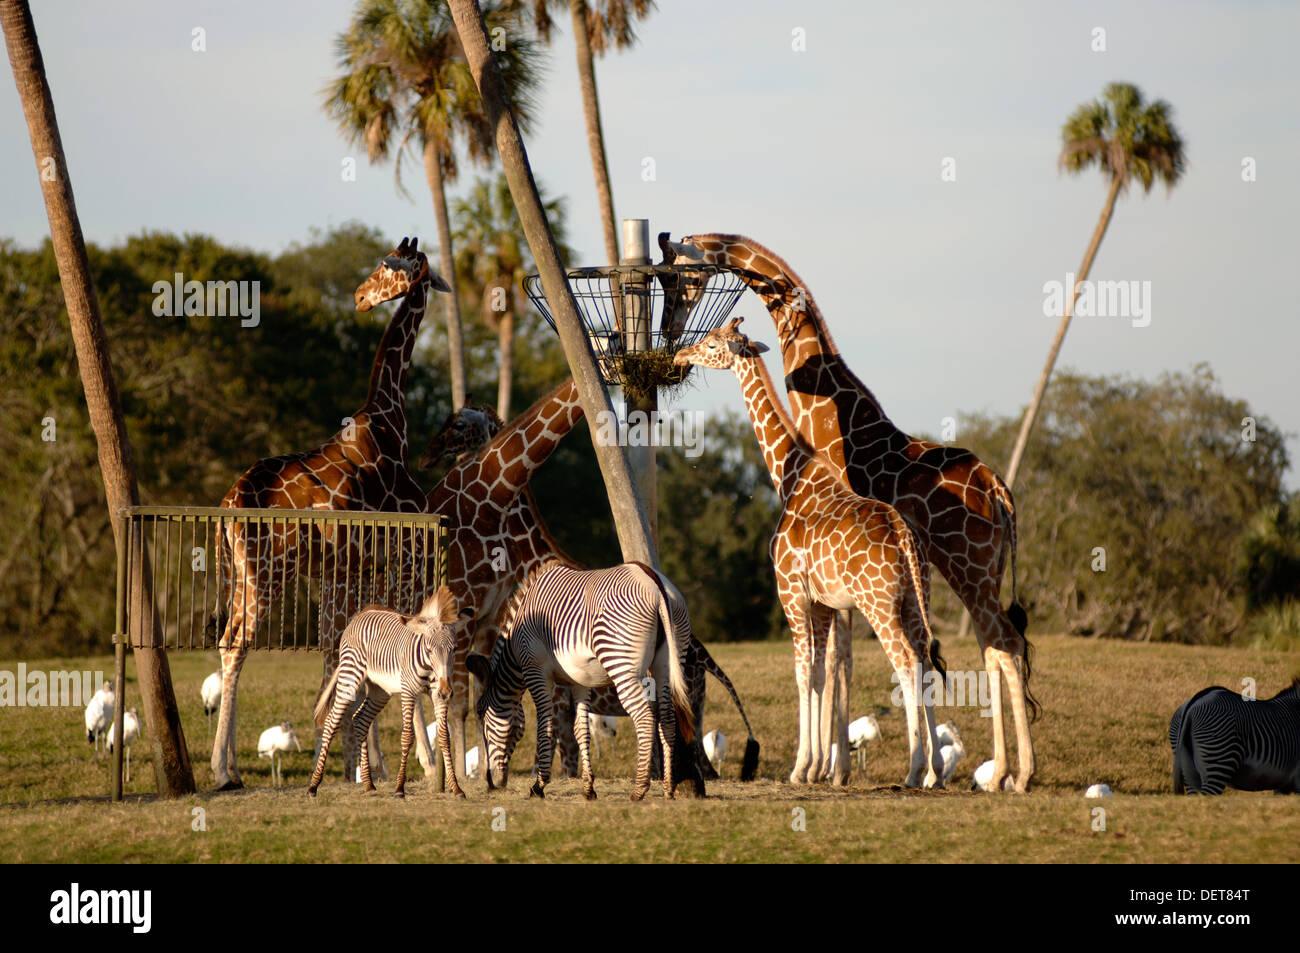 Busch Park Gardens Tampa Stock Photos & Busch Park Gardens Tampa ...